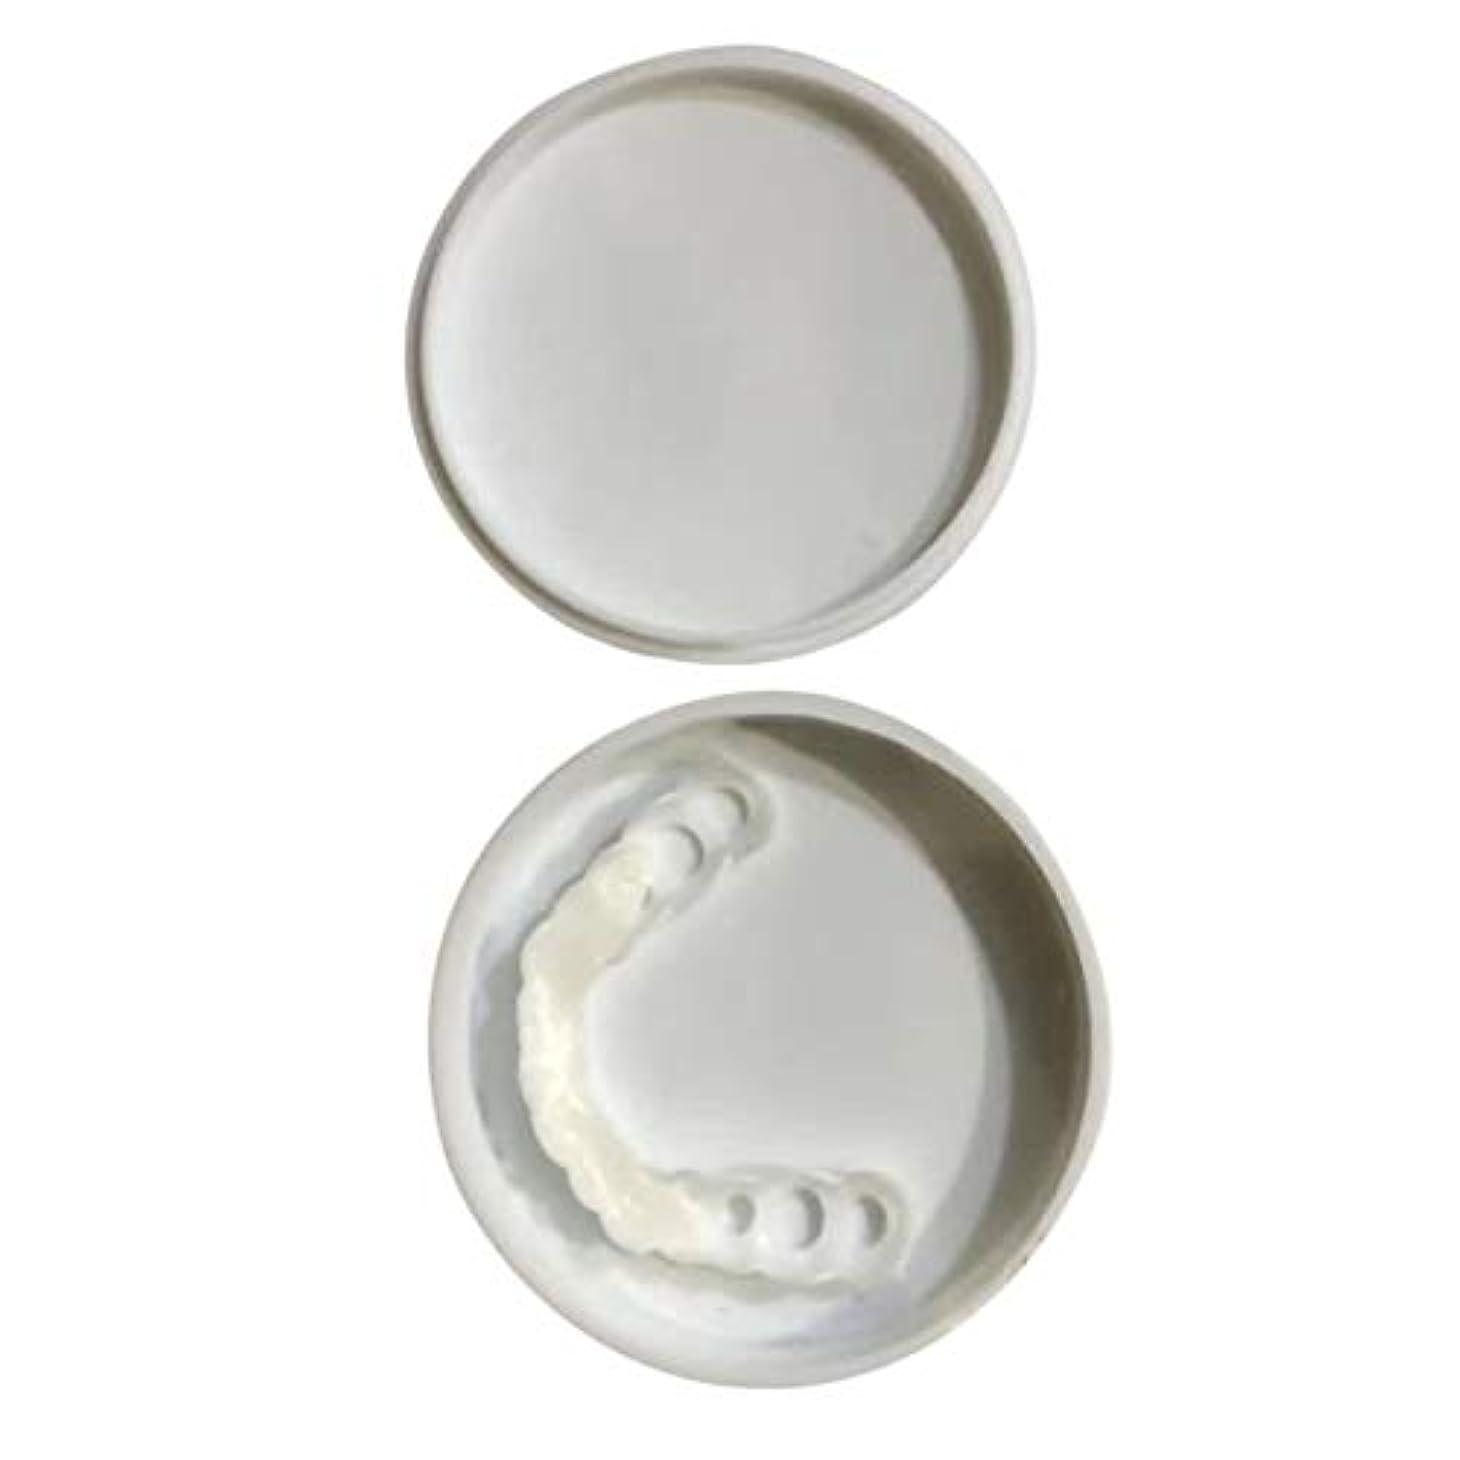 知覚的空虚ブラウン快適なスナップオン男性女性歯インスタントパーフェクトスマイルコンフォートフィットフレックス歯フィットホワイトニング笑顔偽歯カバー - ホワイト